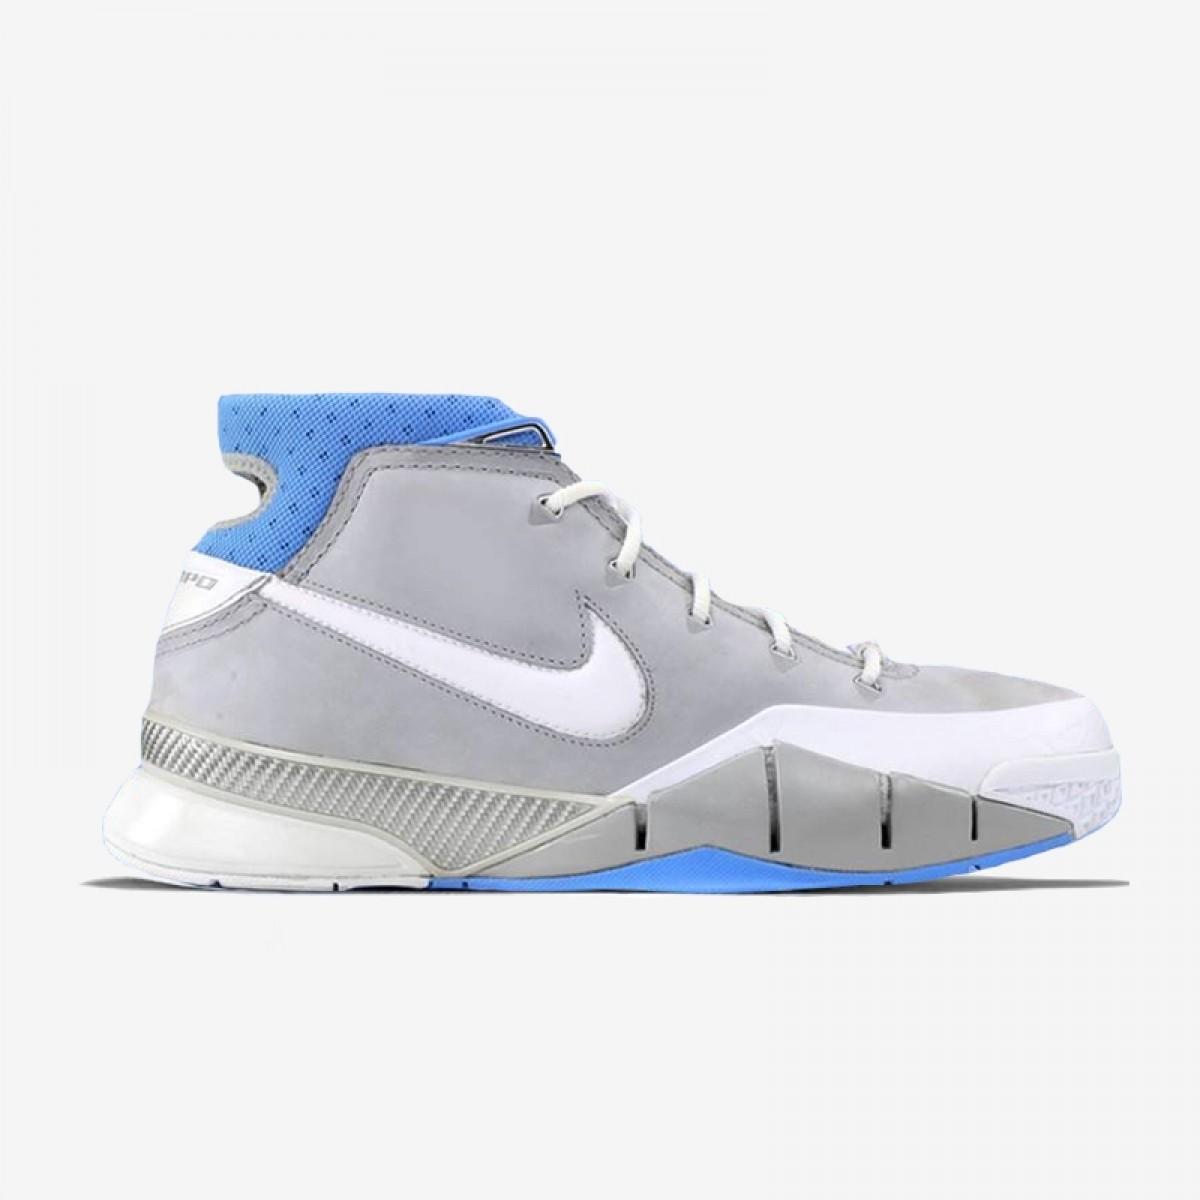 Nike Kobe 1 Protro 'MPLS'